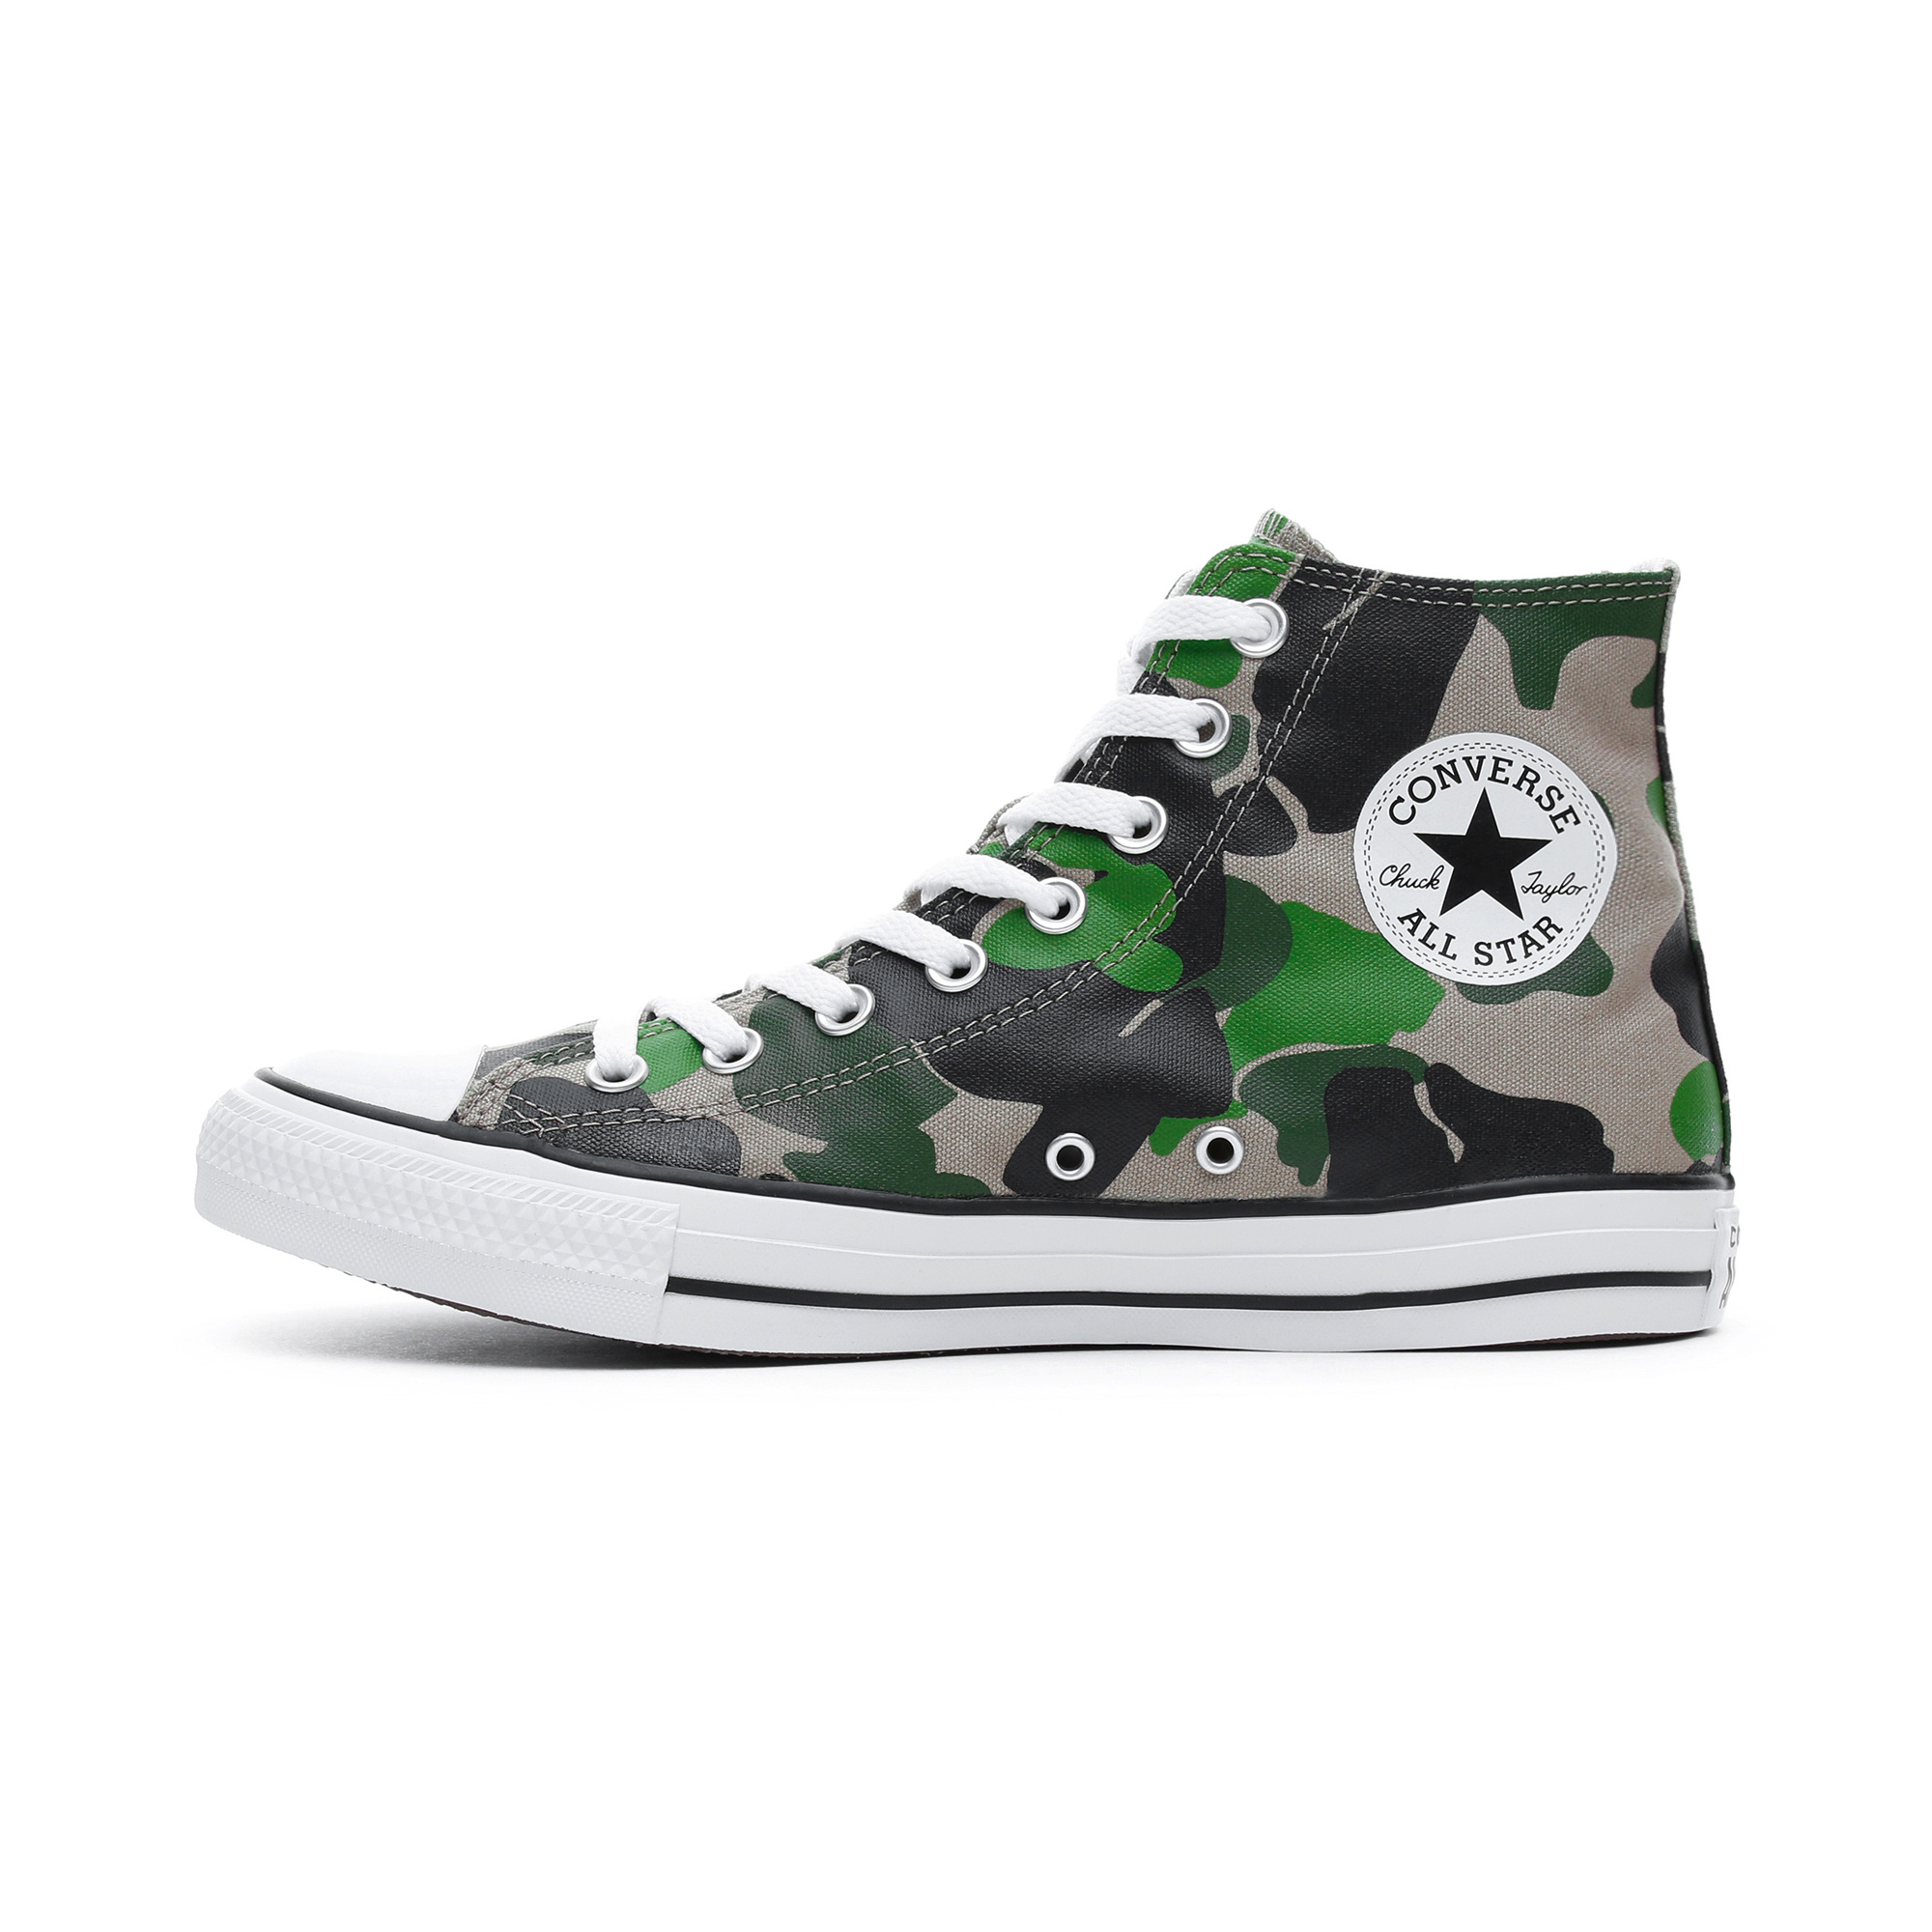 Converse Chuck Taylor All Star Hi Erkek Yeşil Sneaker